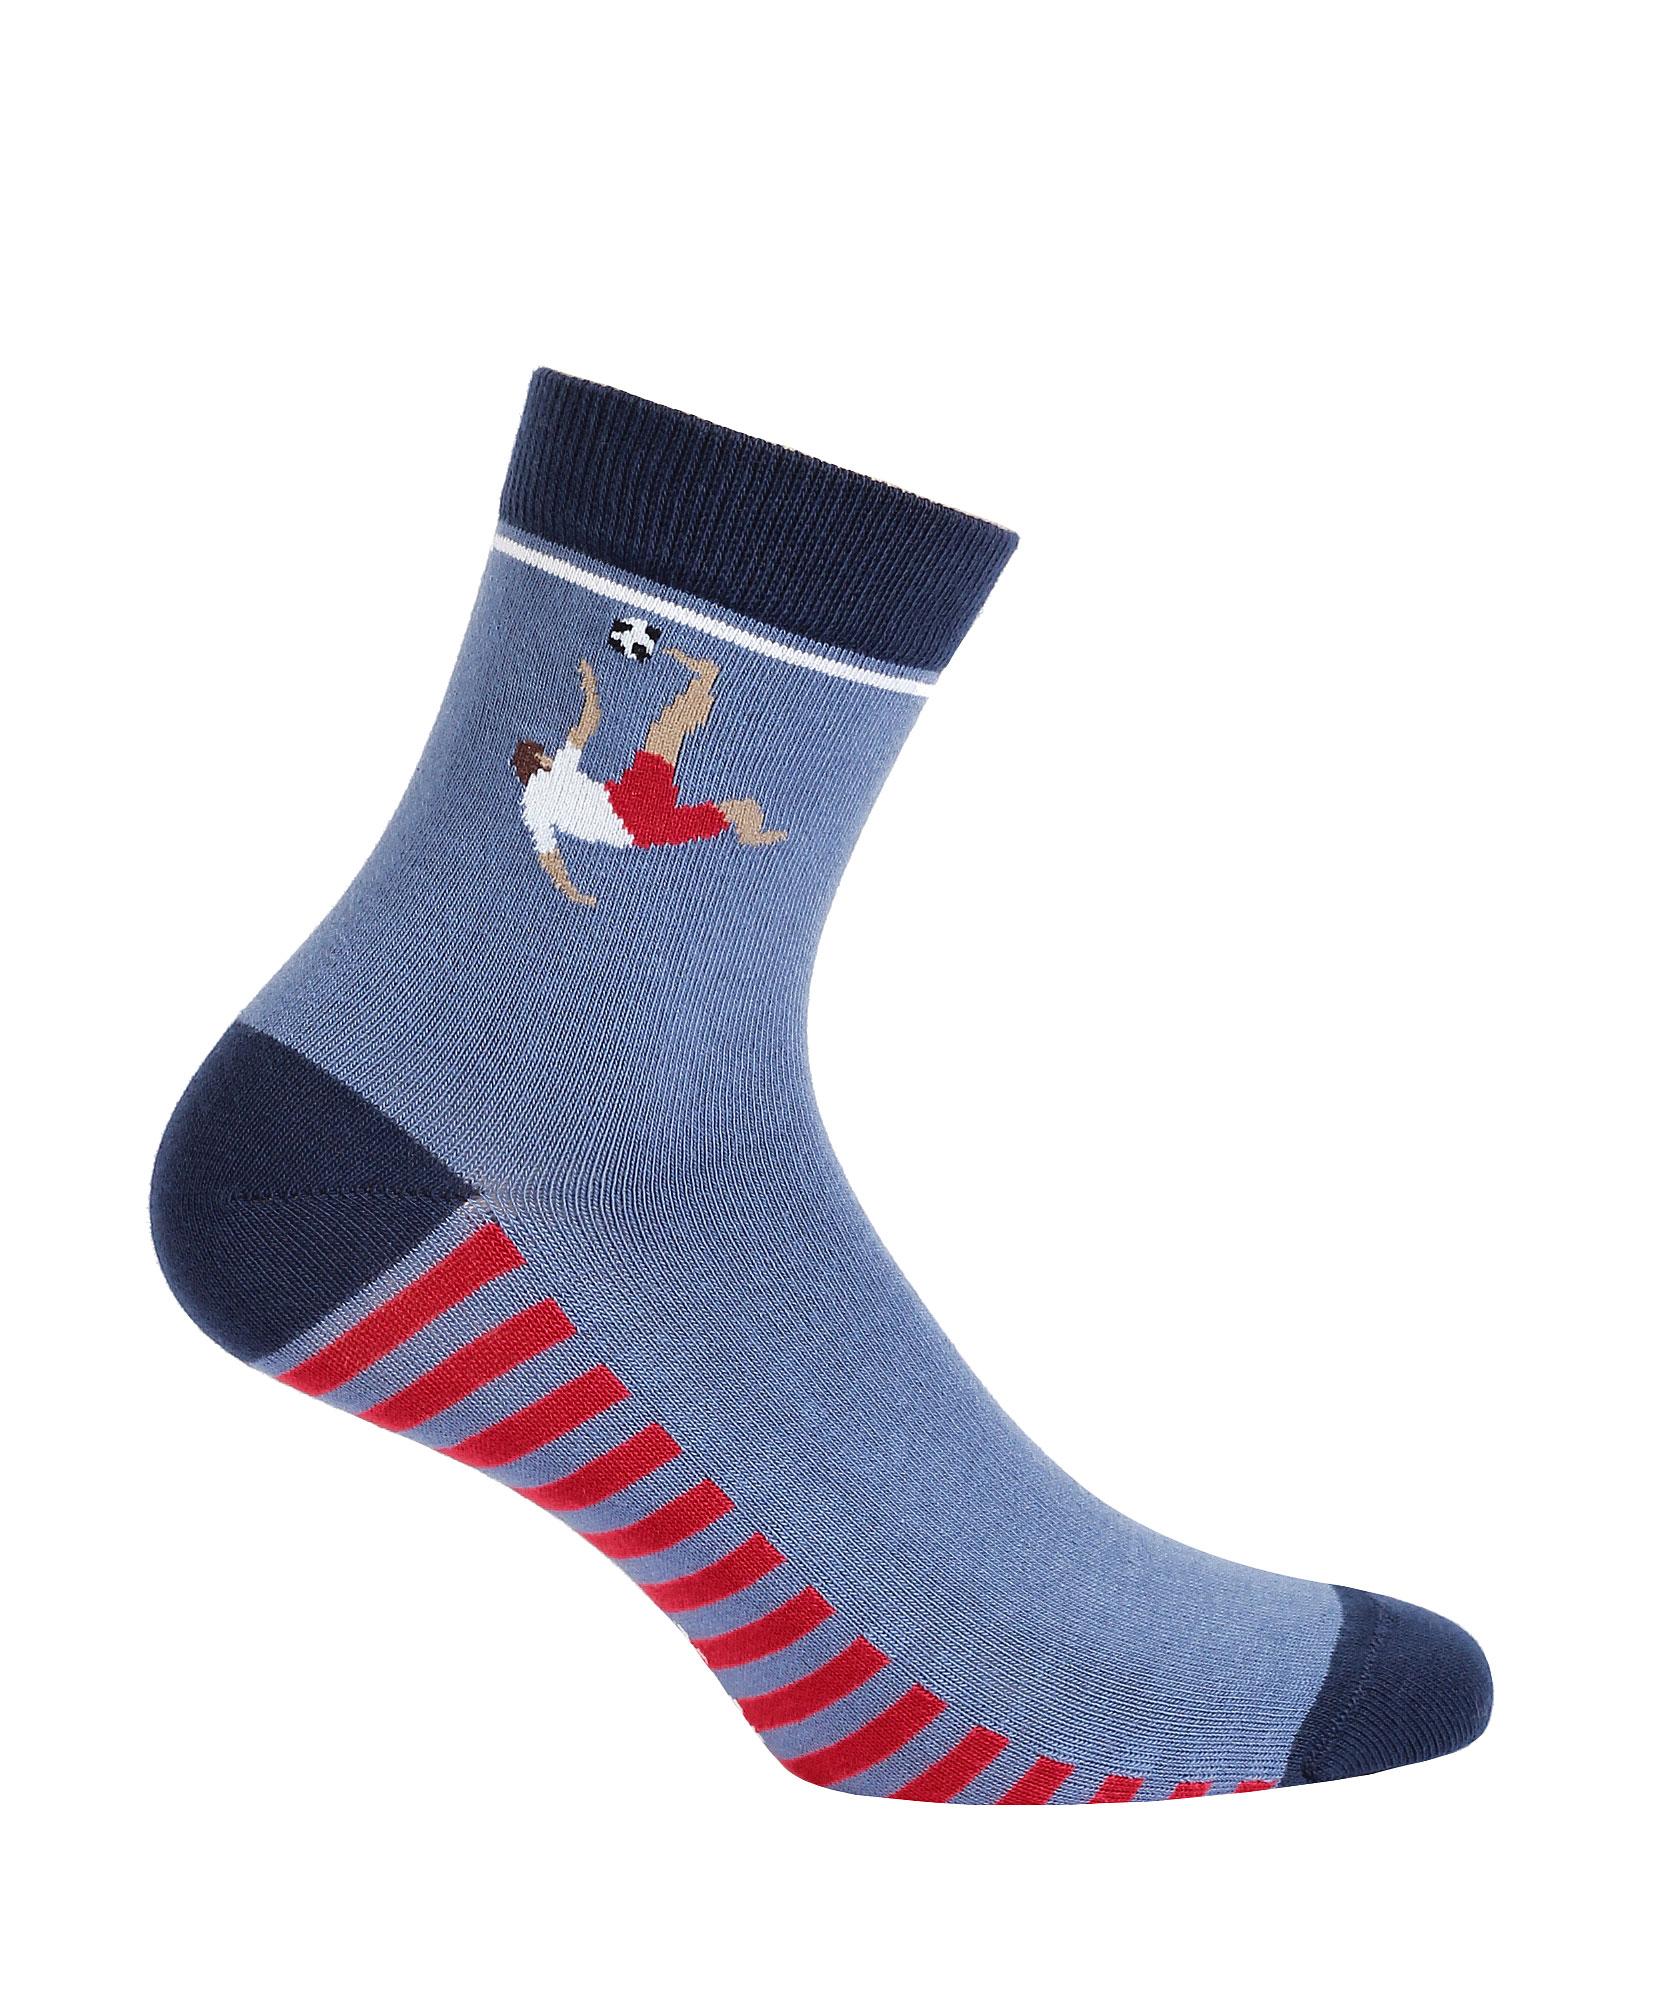 Vzorované ponožky WOLA FOTBALISTA 21-23